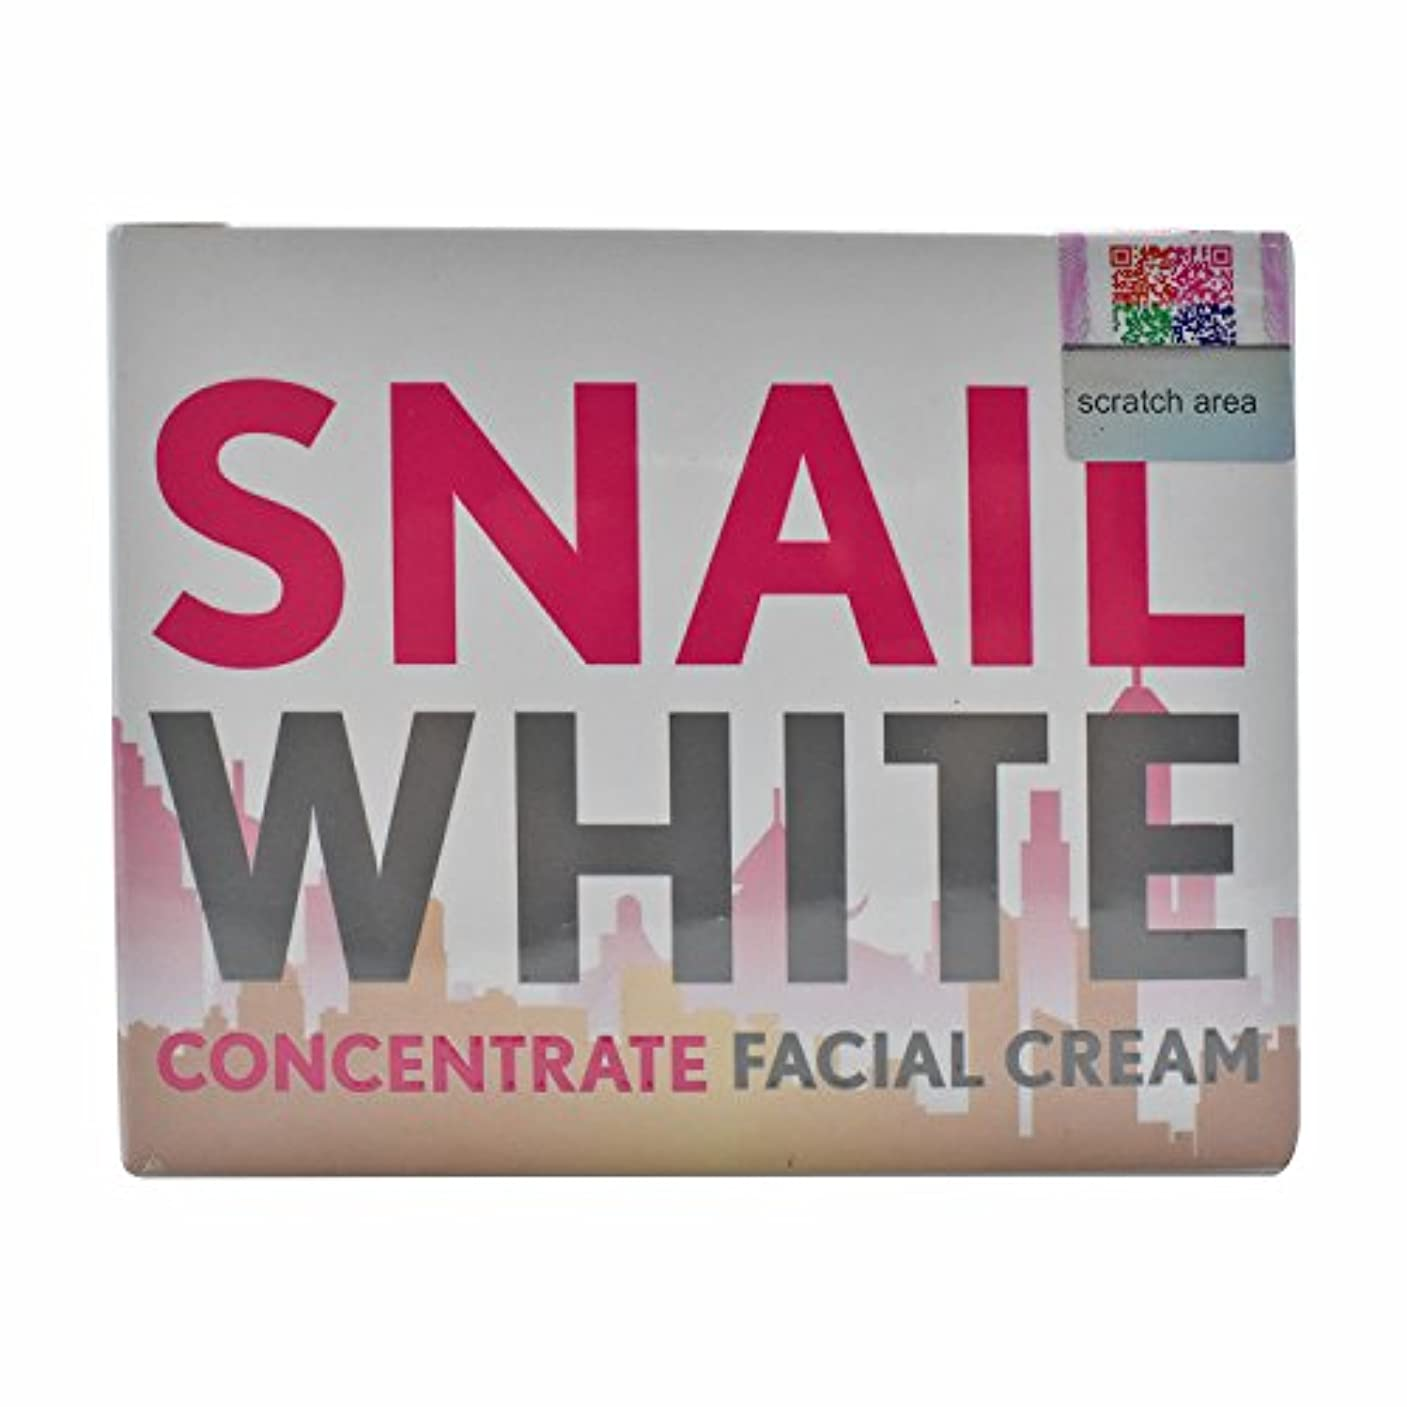 近代化する誘惑する父方のフェイシャルクリーム50 ml。 ホワイトニング NAMU LIFE SNAILWHITE CONCENTRATE FACIAL CREAM 50 ml.